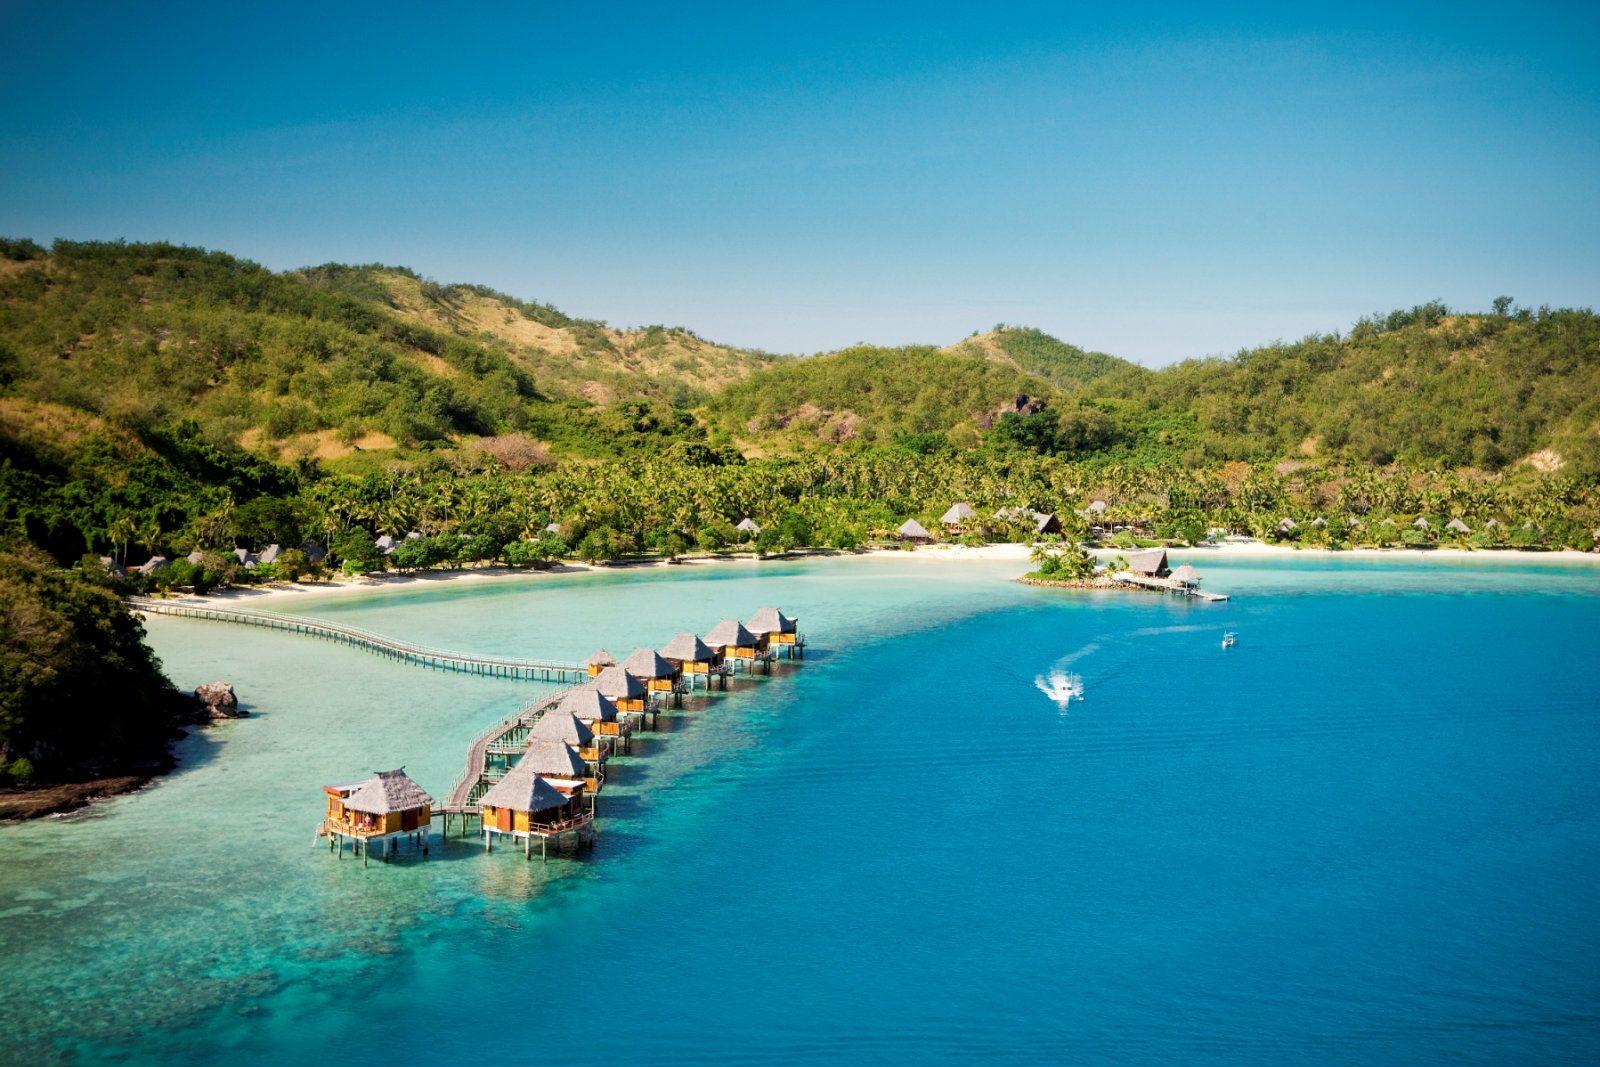 Likuliku Resort Fiji